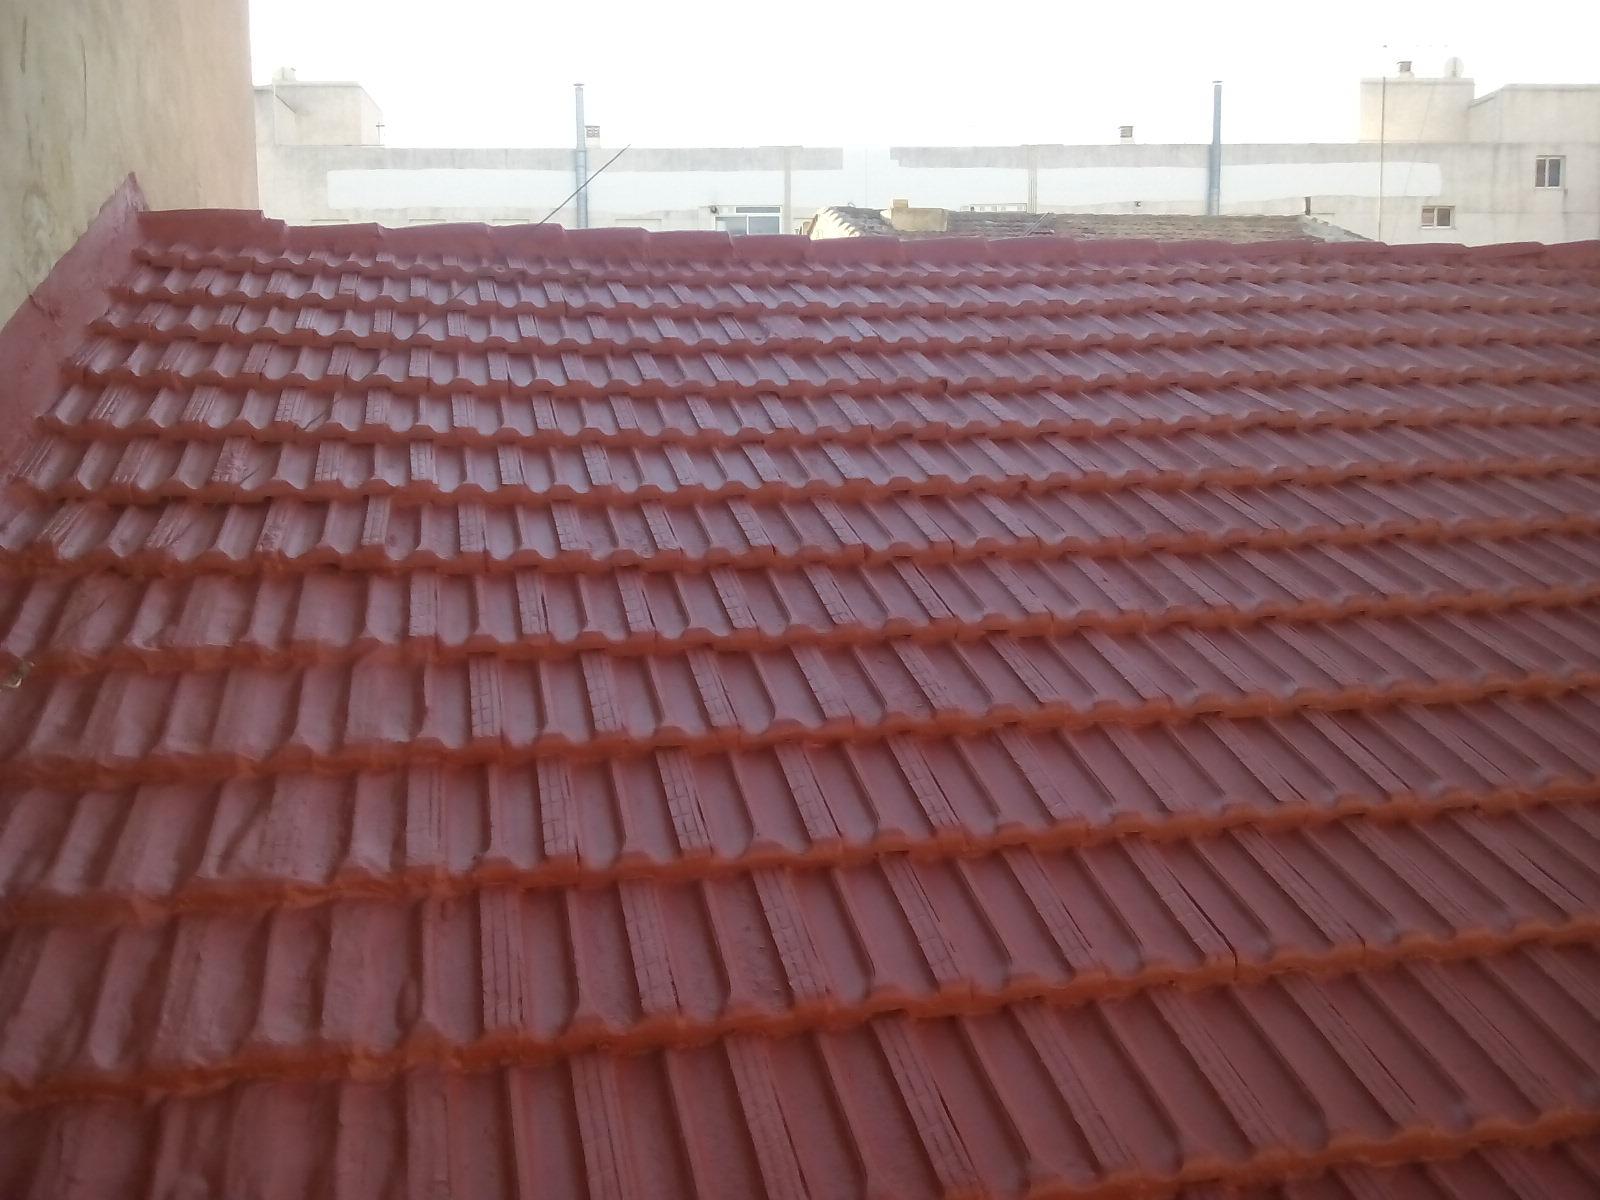 Impermeabilizacion de tejado en valencia impersil - Impermeabilizacion de tejados ...